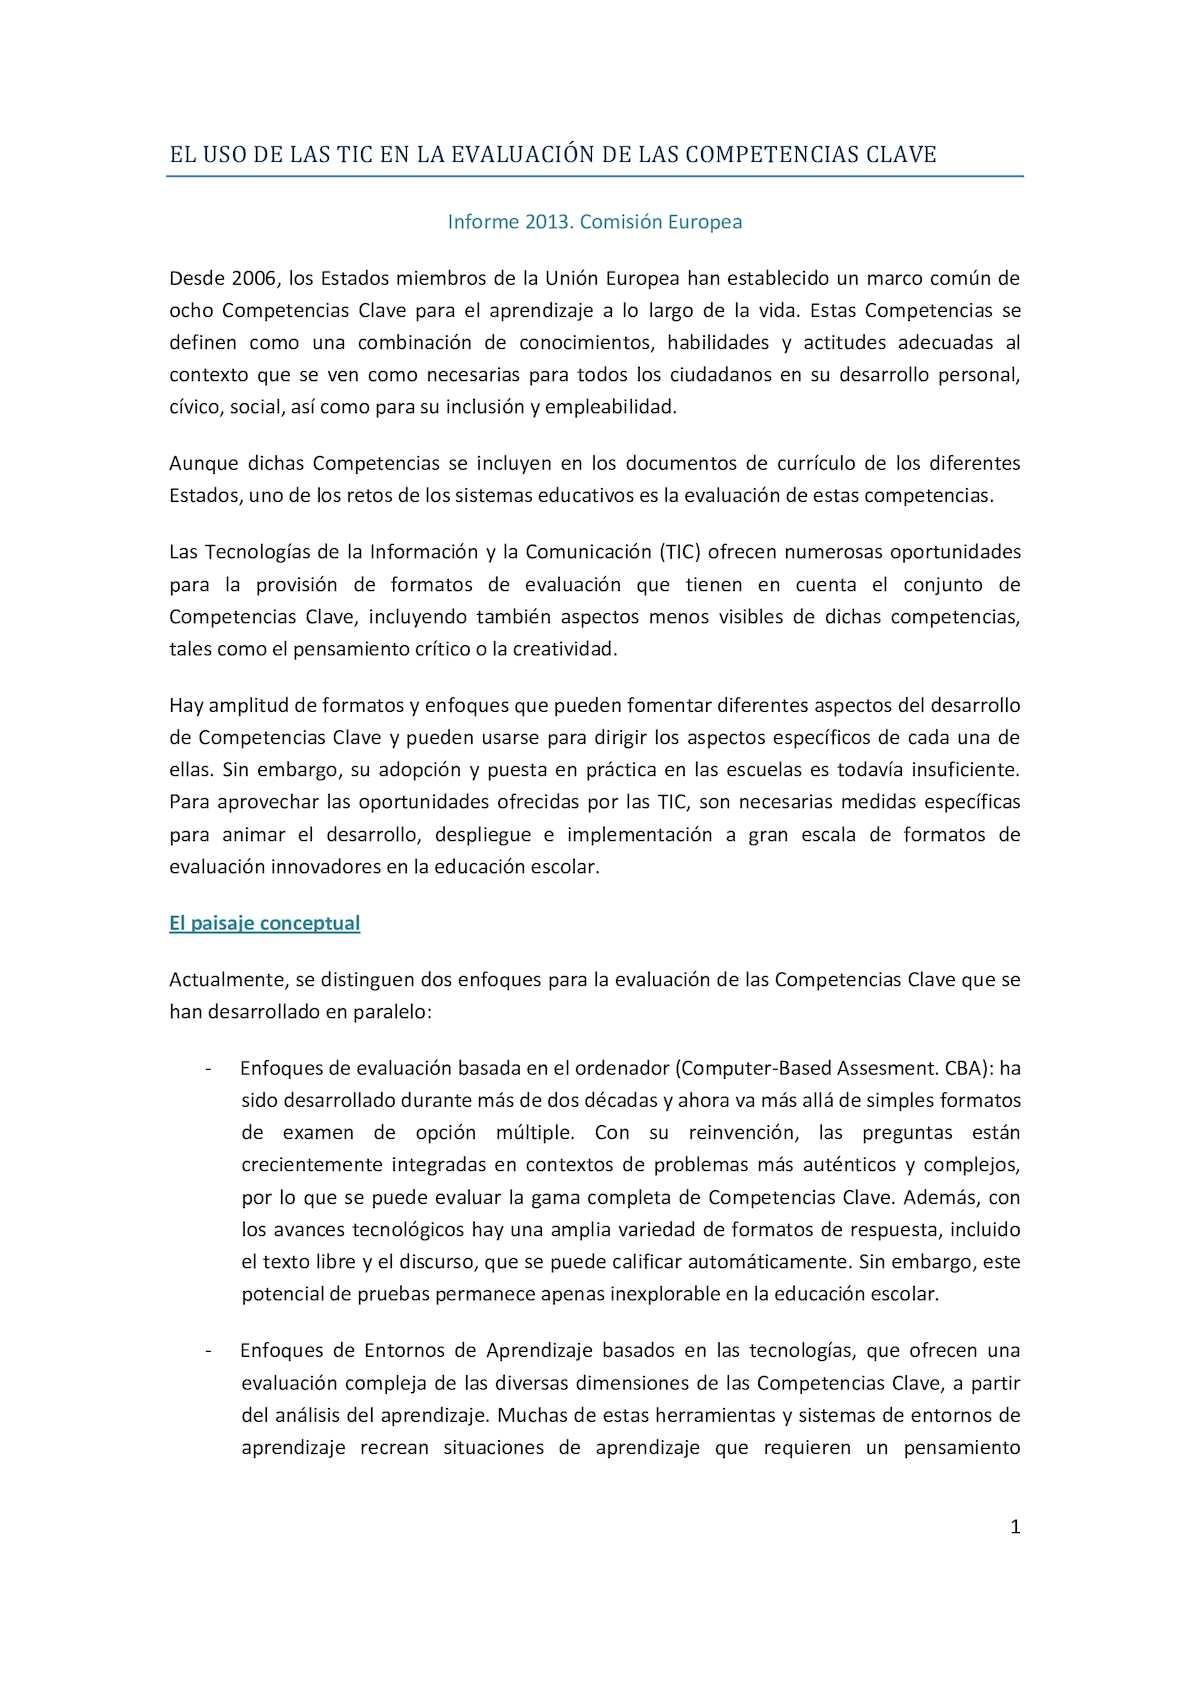 Calaméo - El Uso De Las Tic En La Evaluación De Las Competencias Clave